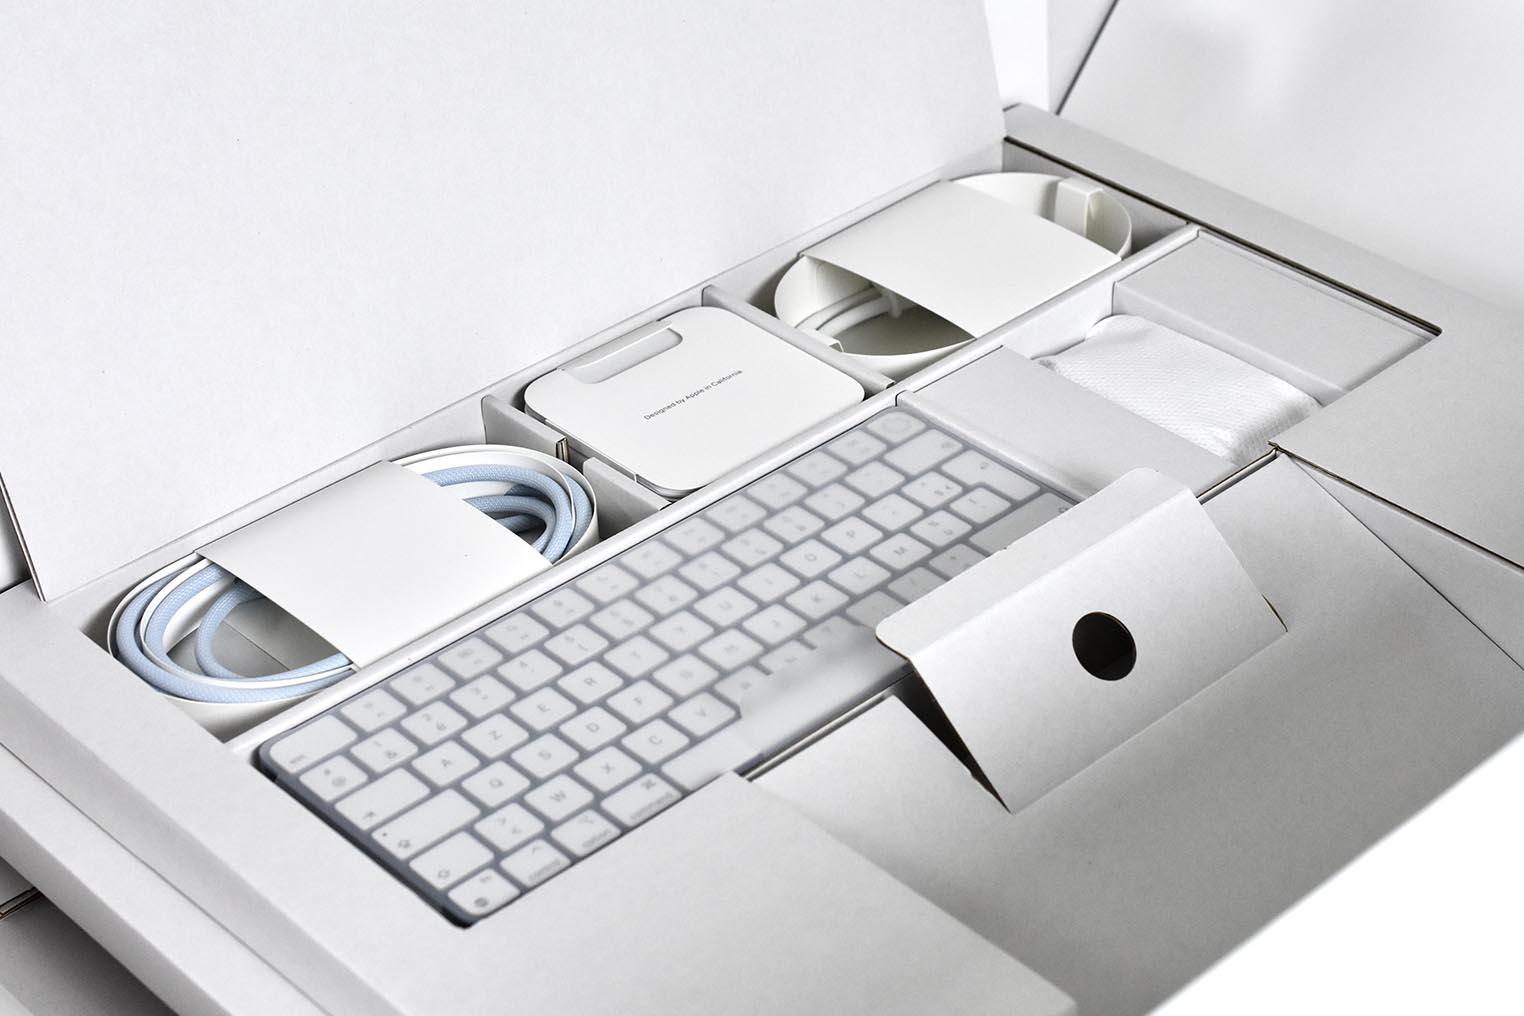 Accessoires iMac M1